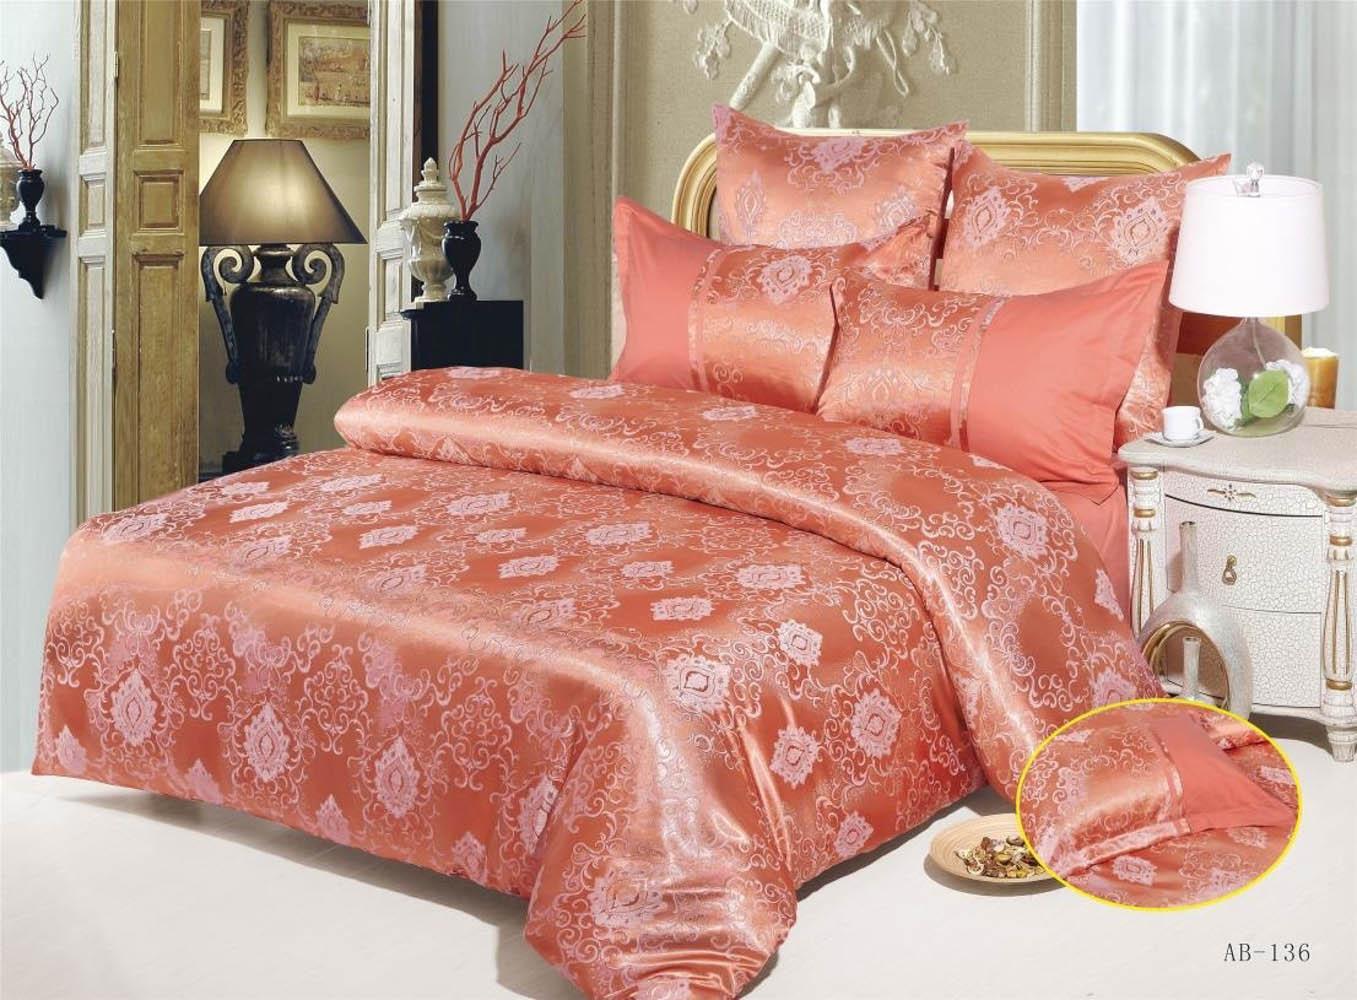 Постельное белье Arlet Постельное белье Celine  (2 сп. евро) постельное белье arlet постельное белье jacqueline 2 сп евро